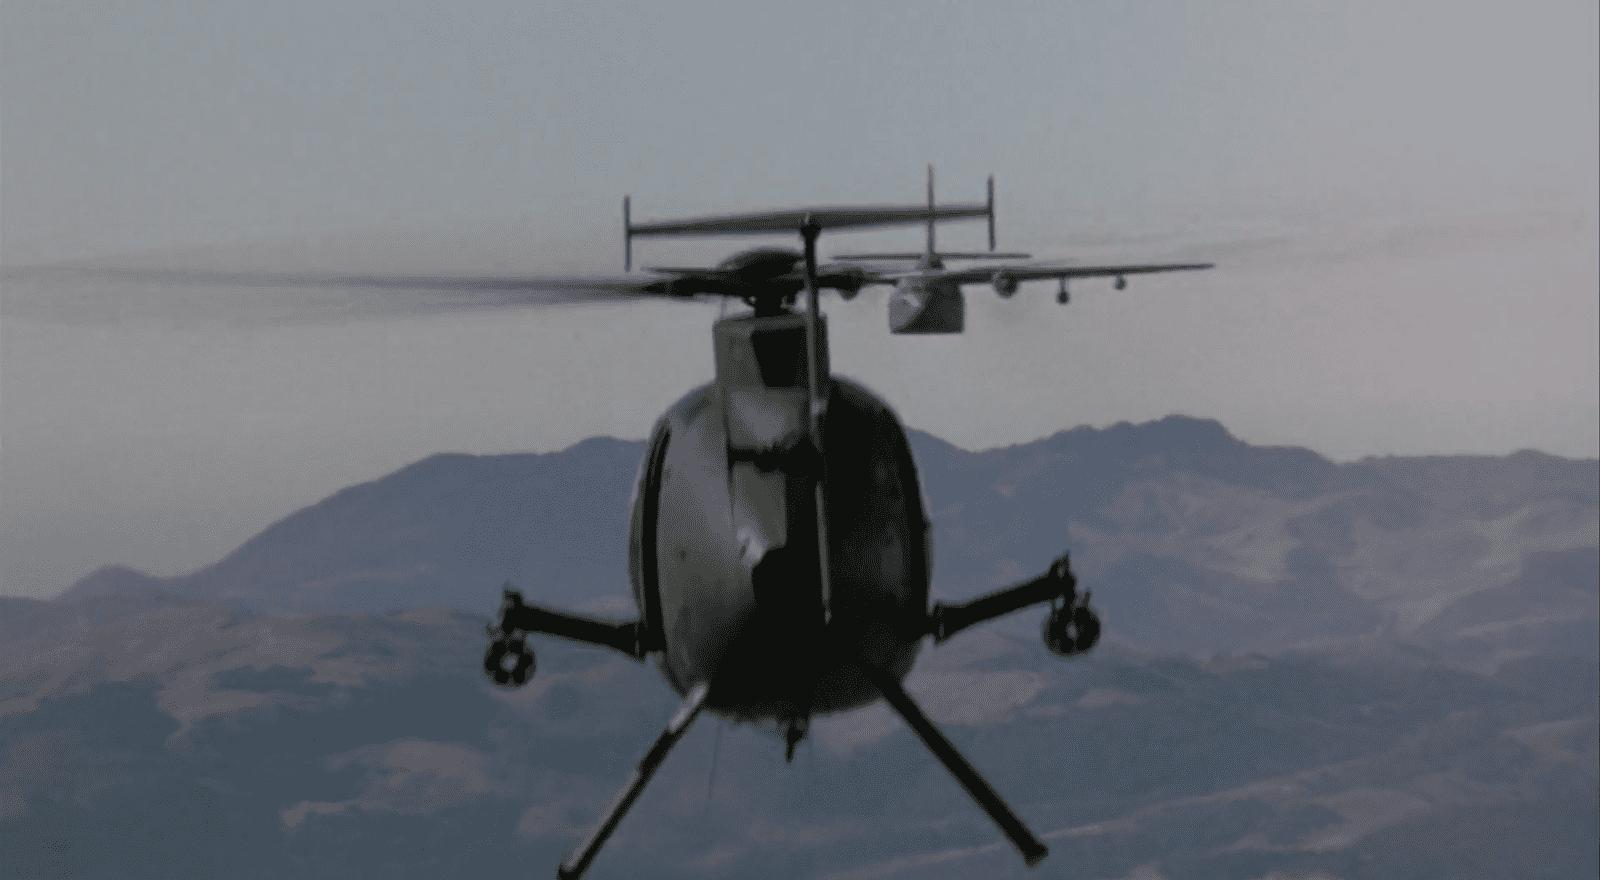 Heldenhaft stellt sich ein Helikopter in den Weg der vernichtenden Bombe. Filmstill aus Outbreak (Petersen 1995).